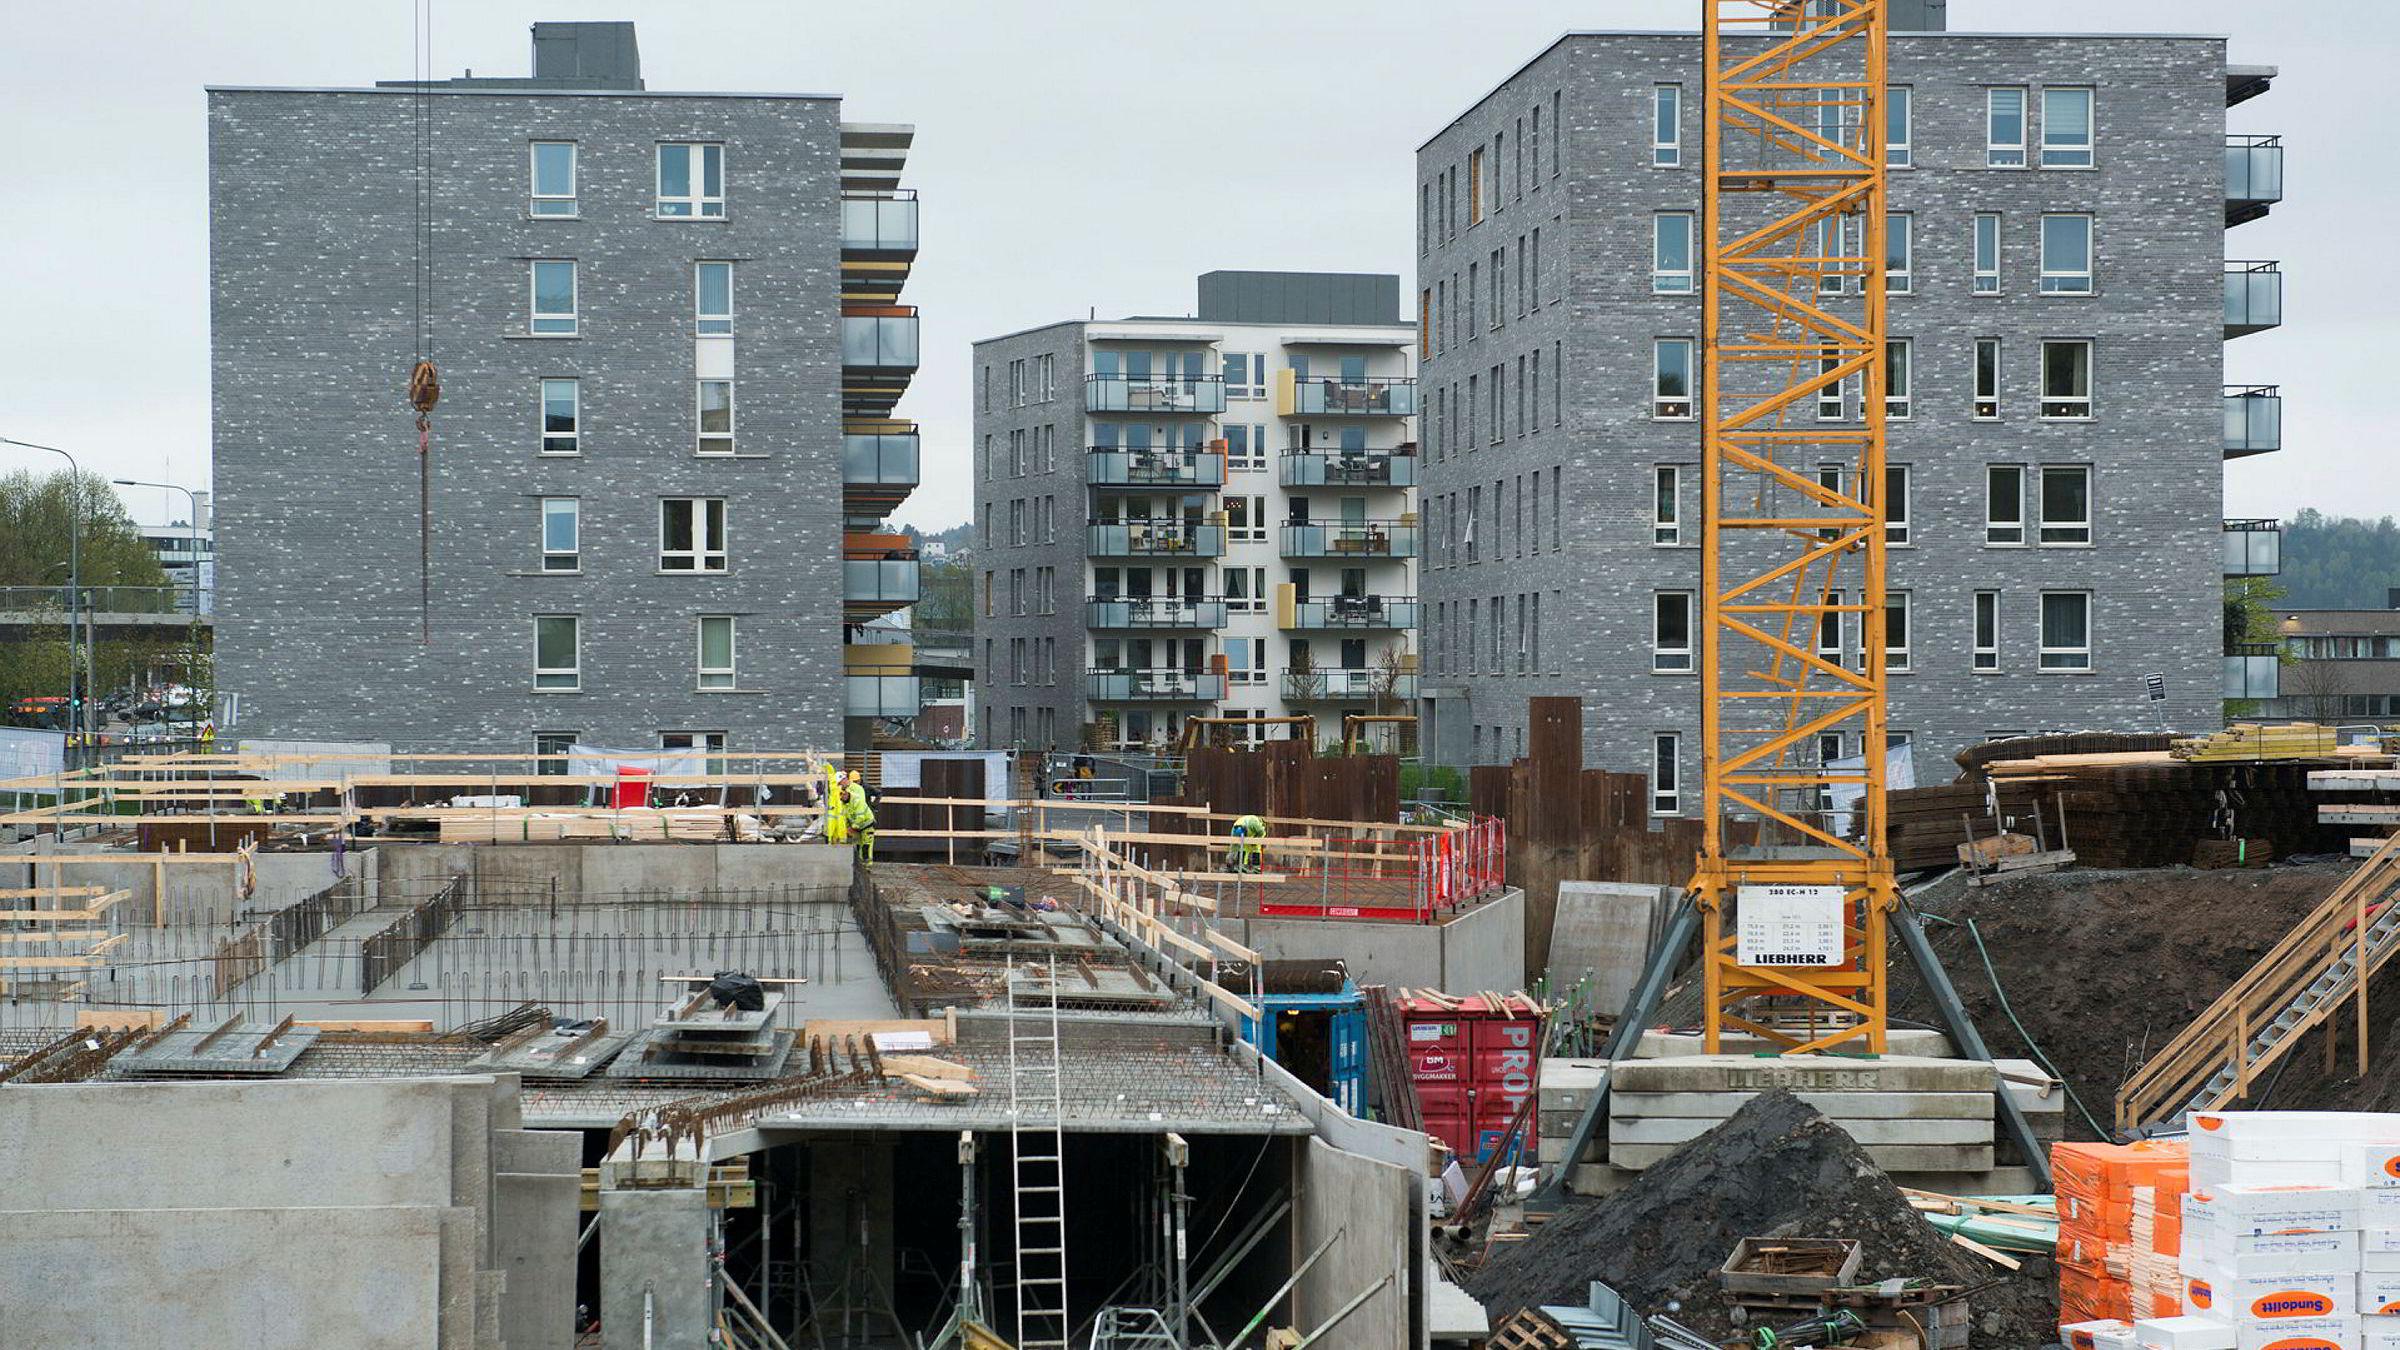 Det er solgt 34 851 boliger de siste 12 månedene. Bygging av nye leiligheter på Hasle.